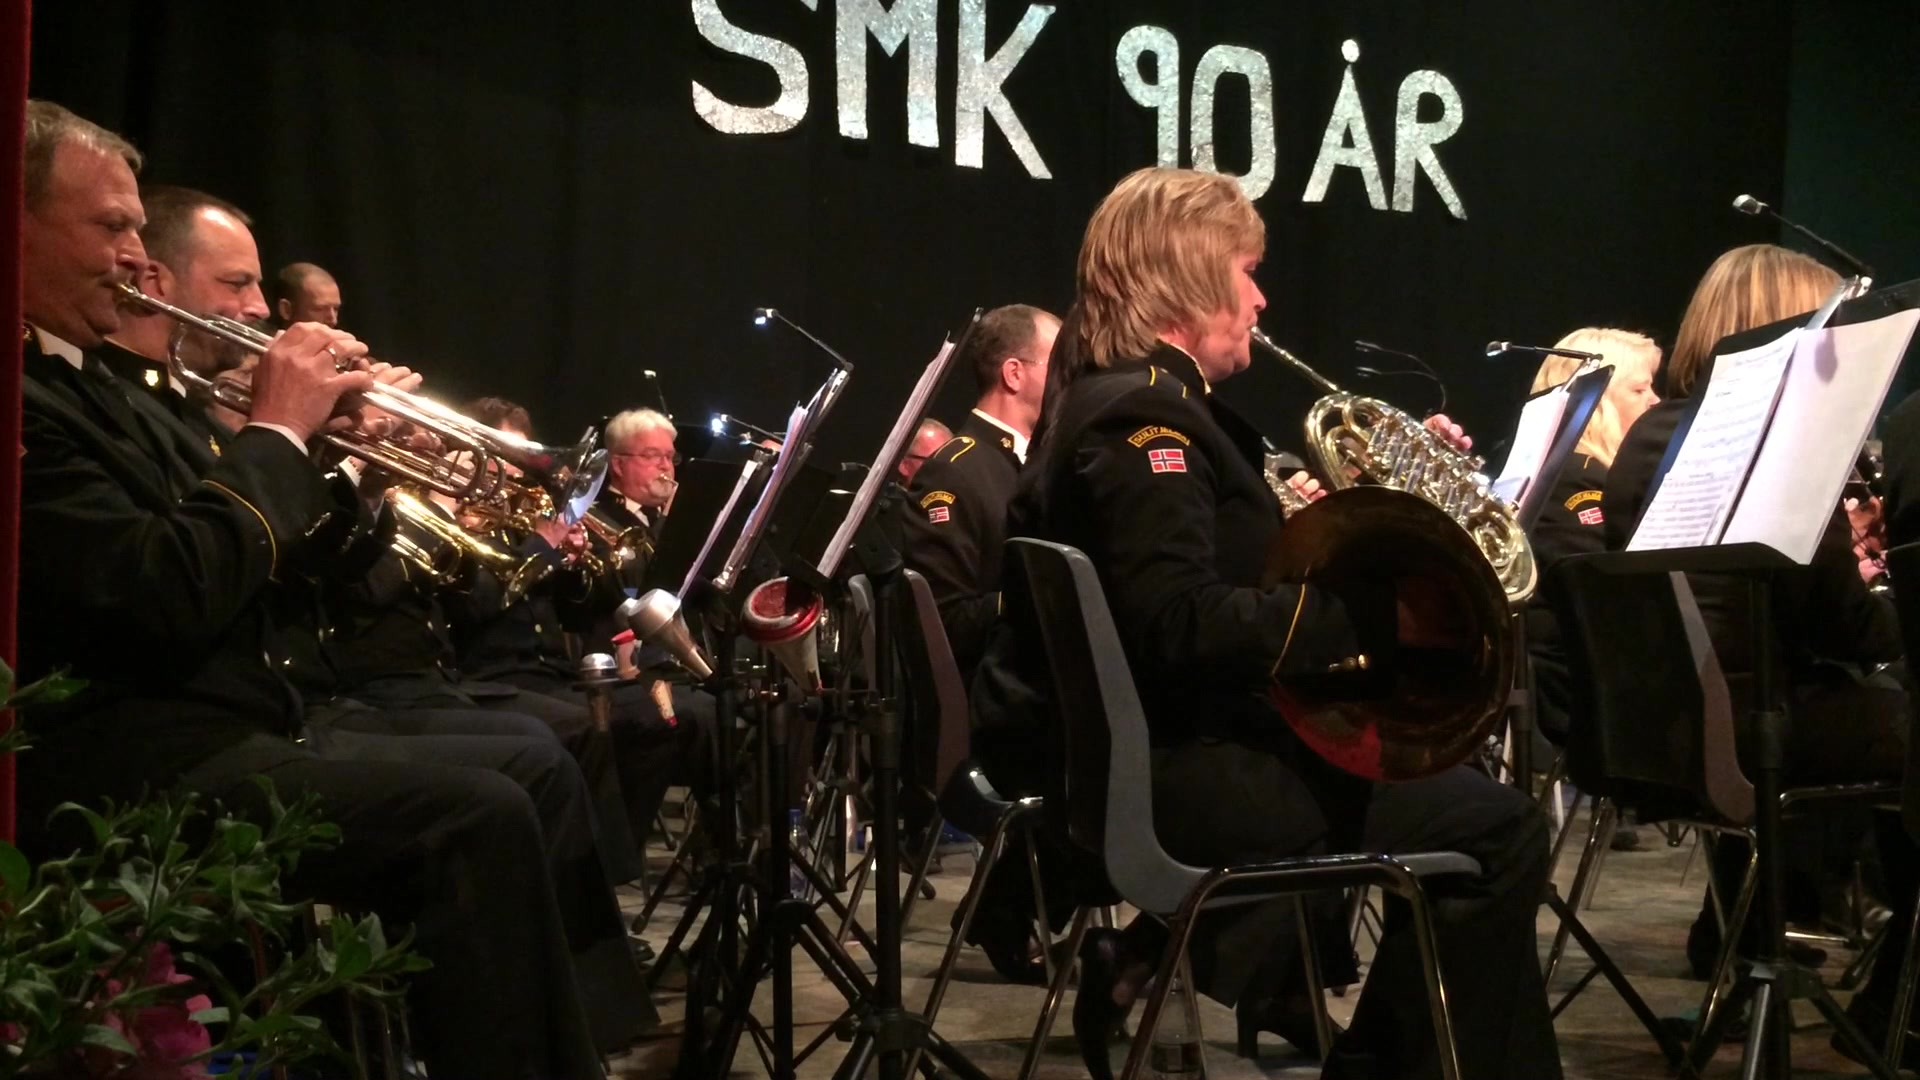 SMK Jubileumskonsert